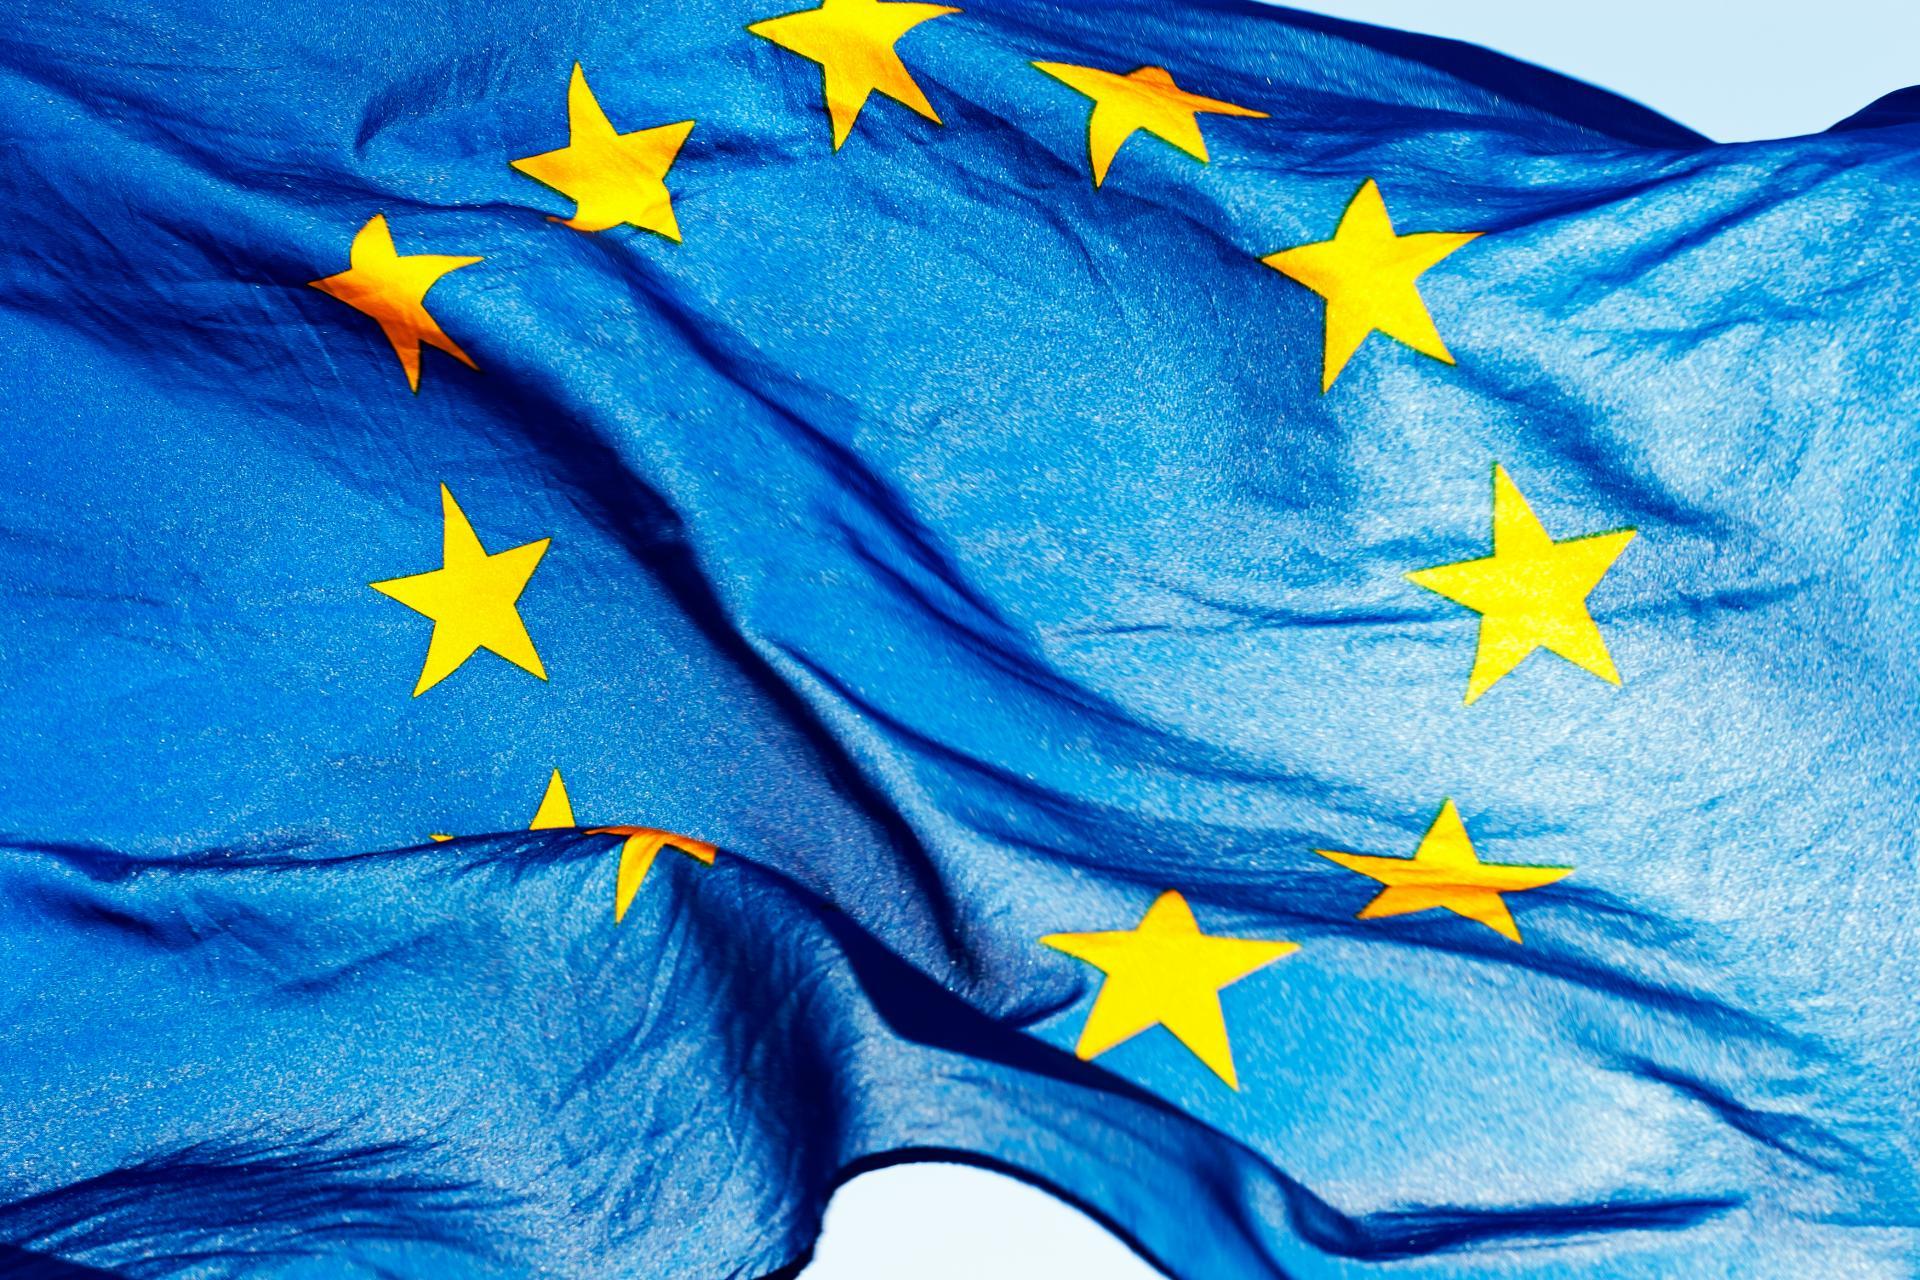 Bandera de la Unión Europea_fragmento